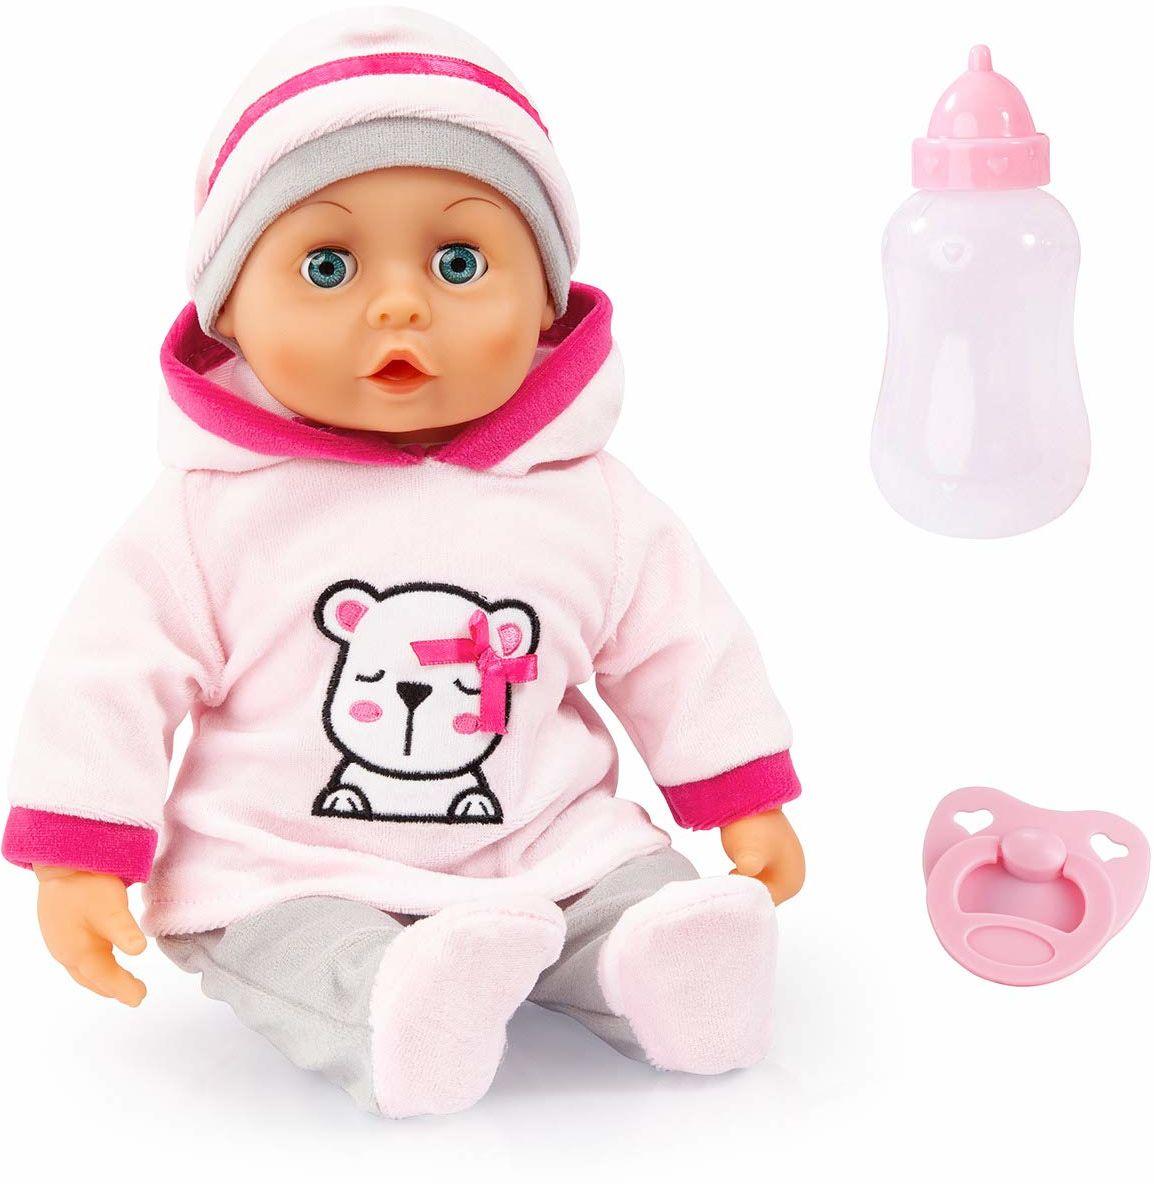 Bayer Design 93824BR funkcjonalne lalki pierwsze słowa ze śpiącymi oczami, 24 dźwięki niemowlęcia, 38 cm, miękkie z akcesoriami, różowy, szary